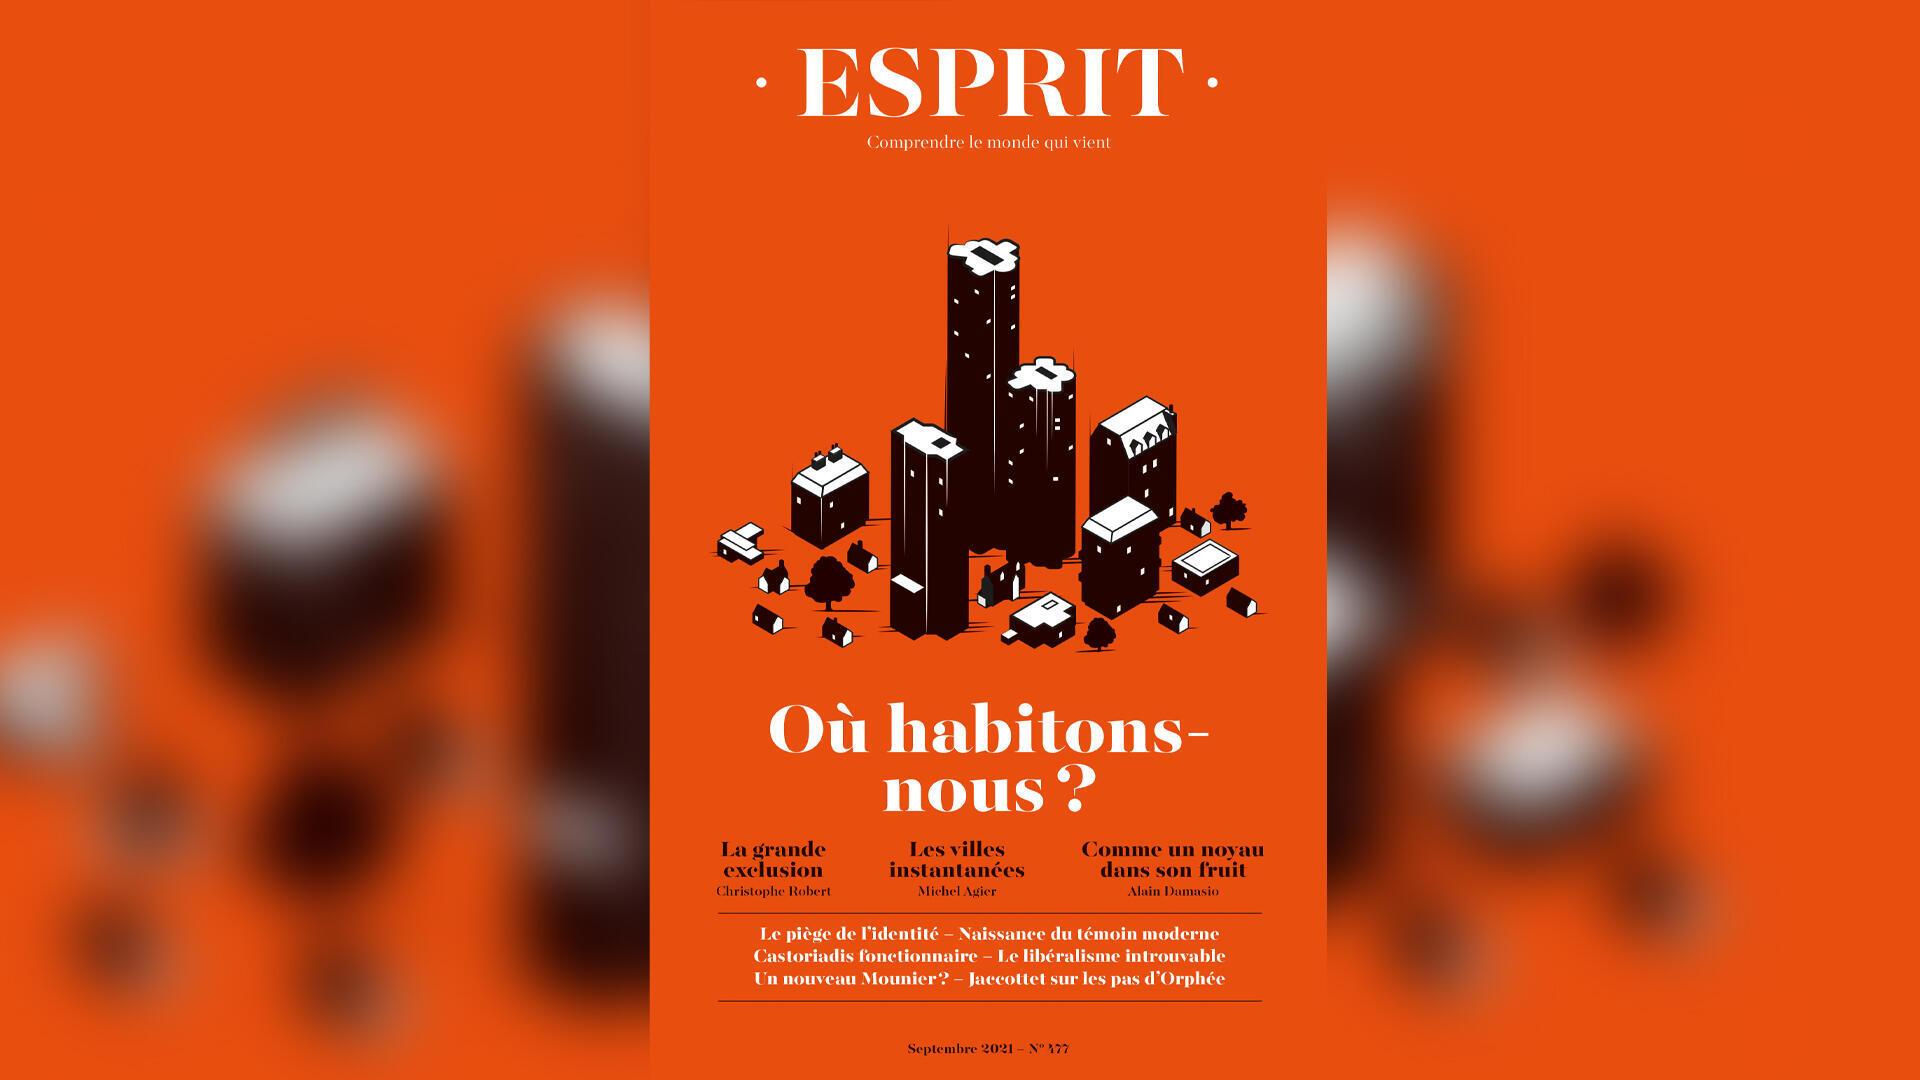 Couverture revue Esprit - septembre 2021 - Où habitons-nous - Une semaine d'actualité